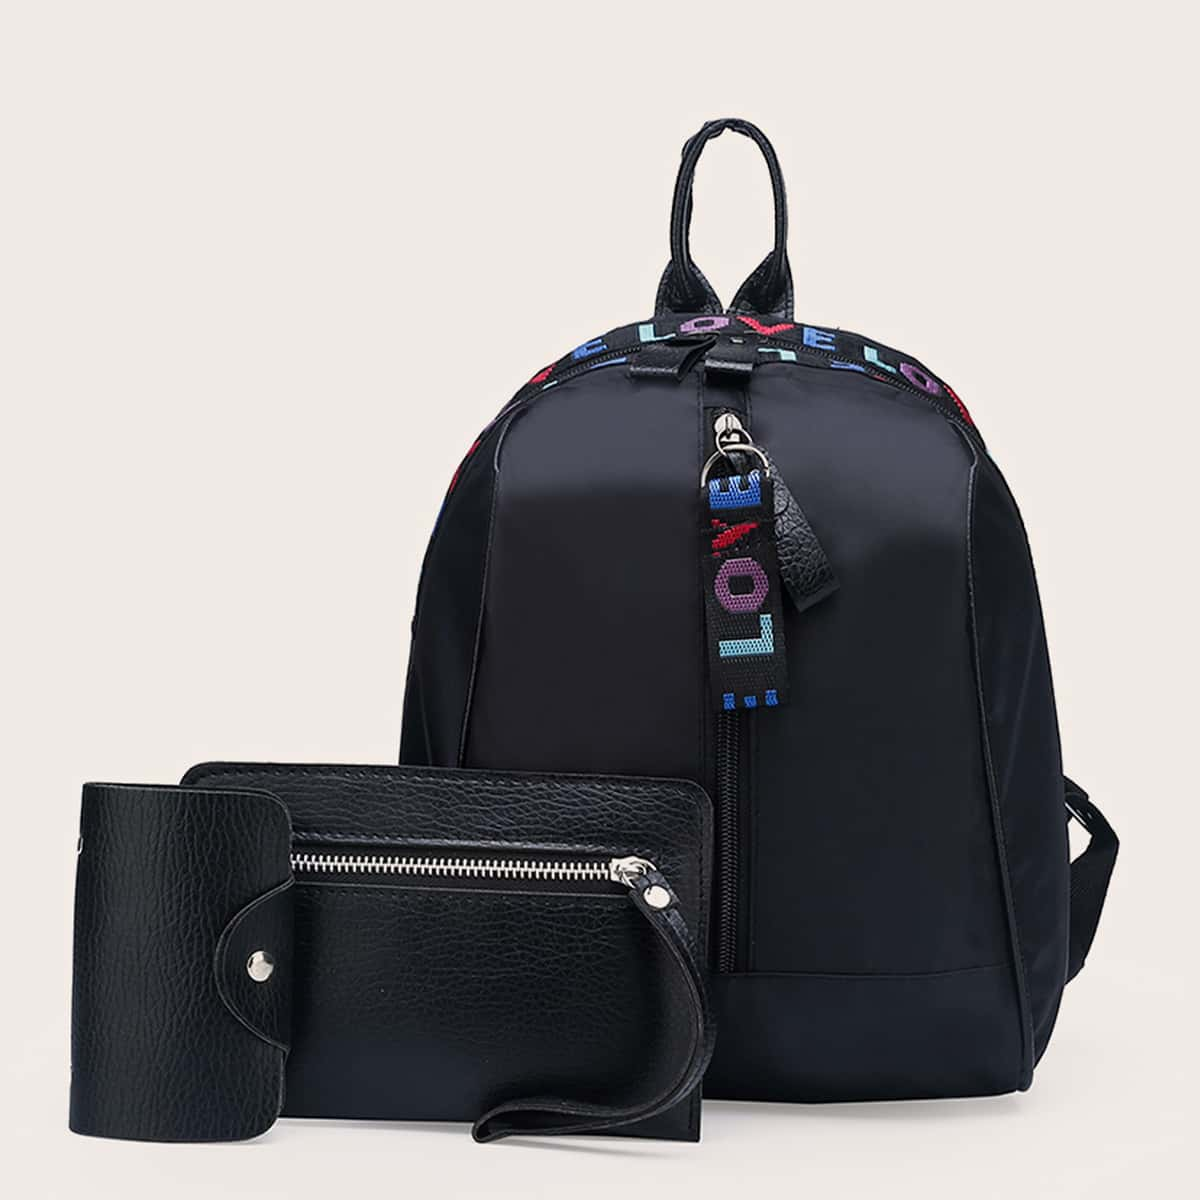 3шт Набор рюкзаков с молнией SheIn swbag18210412931